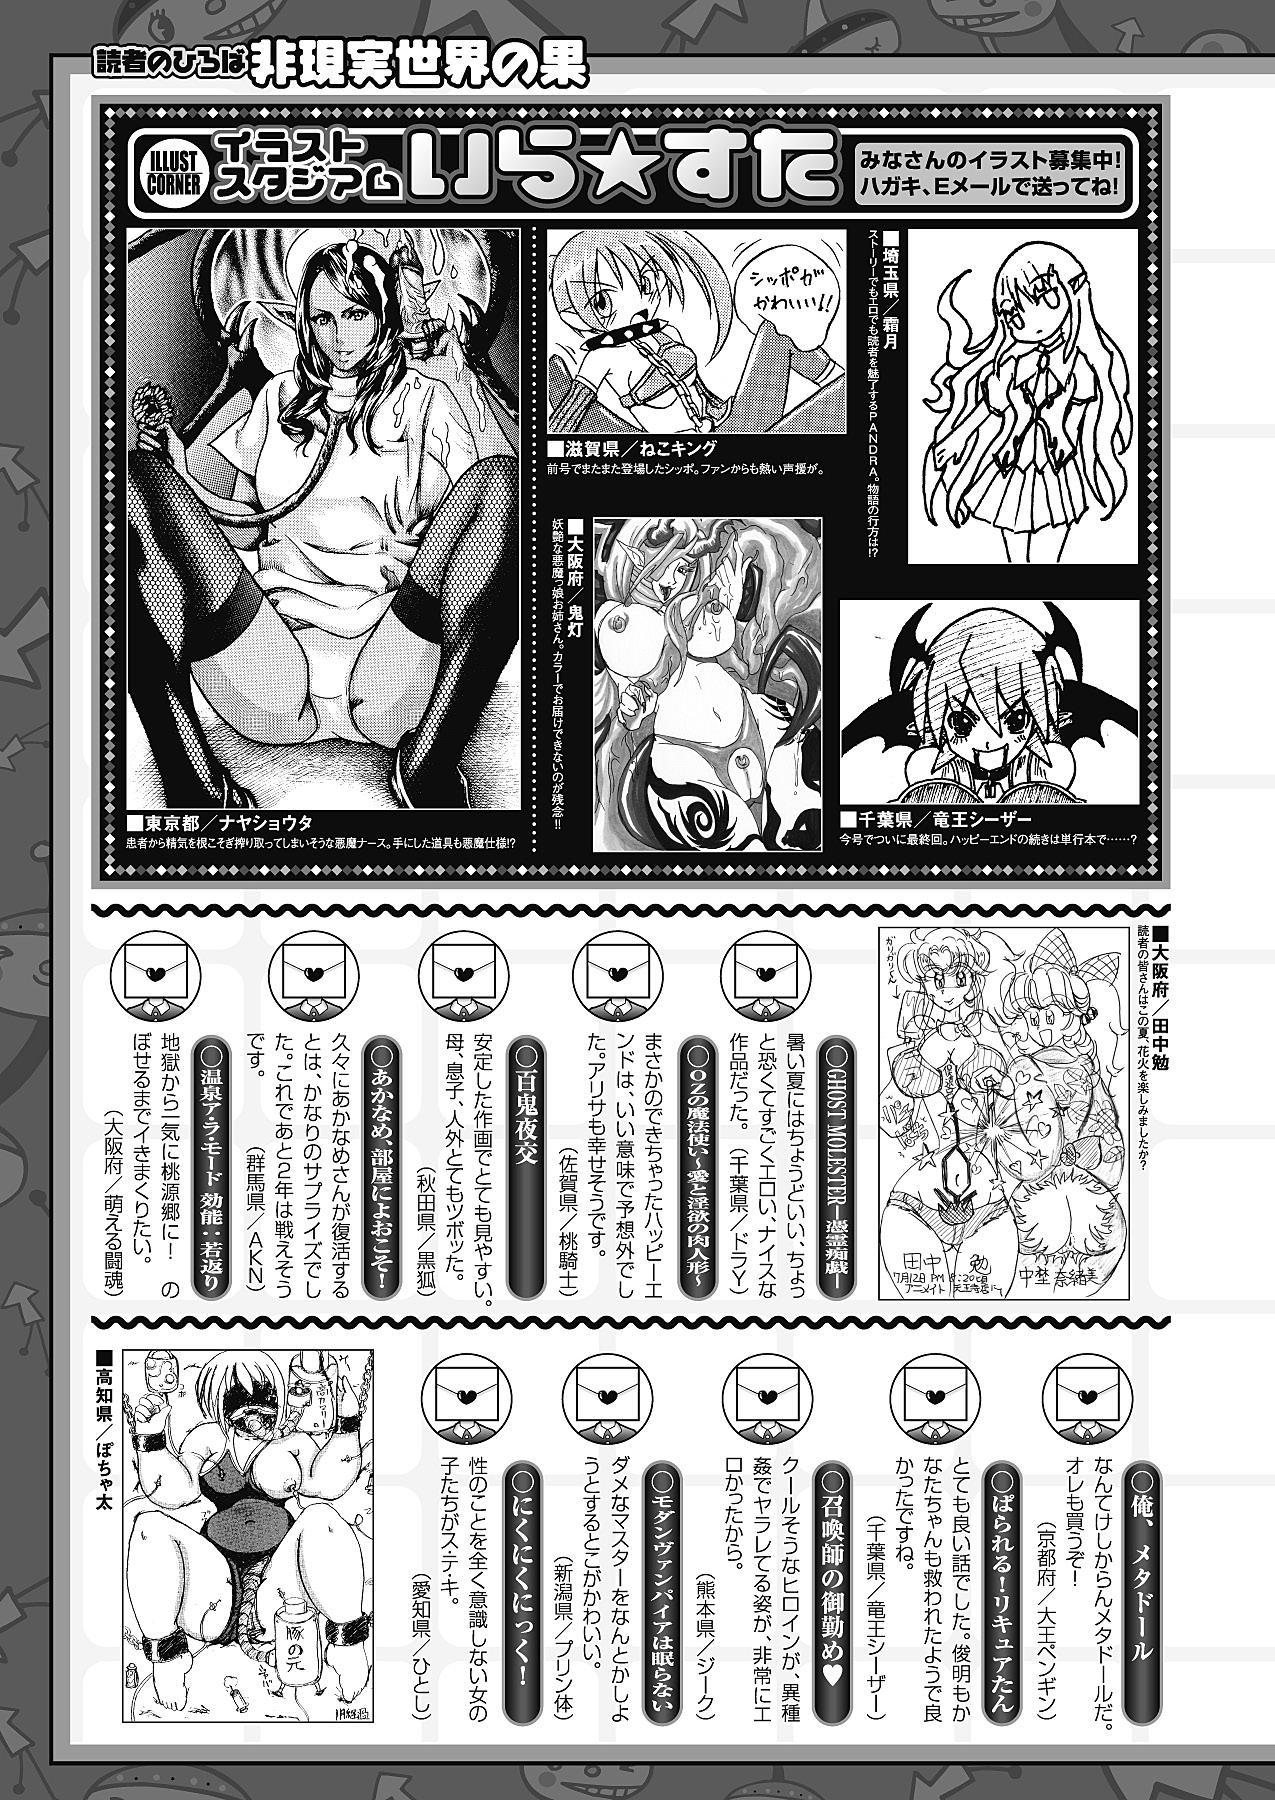 COMIC Unreal 2011-10 Vol.33 448